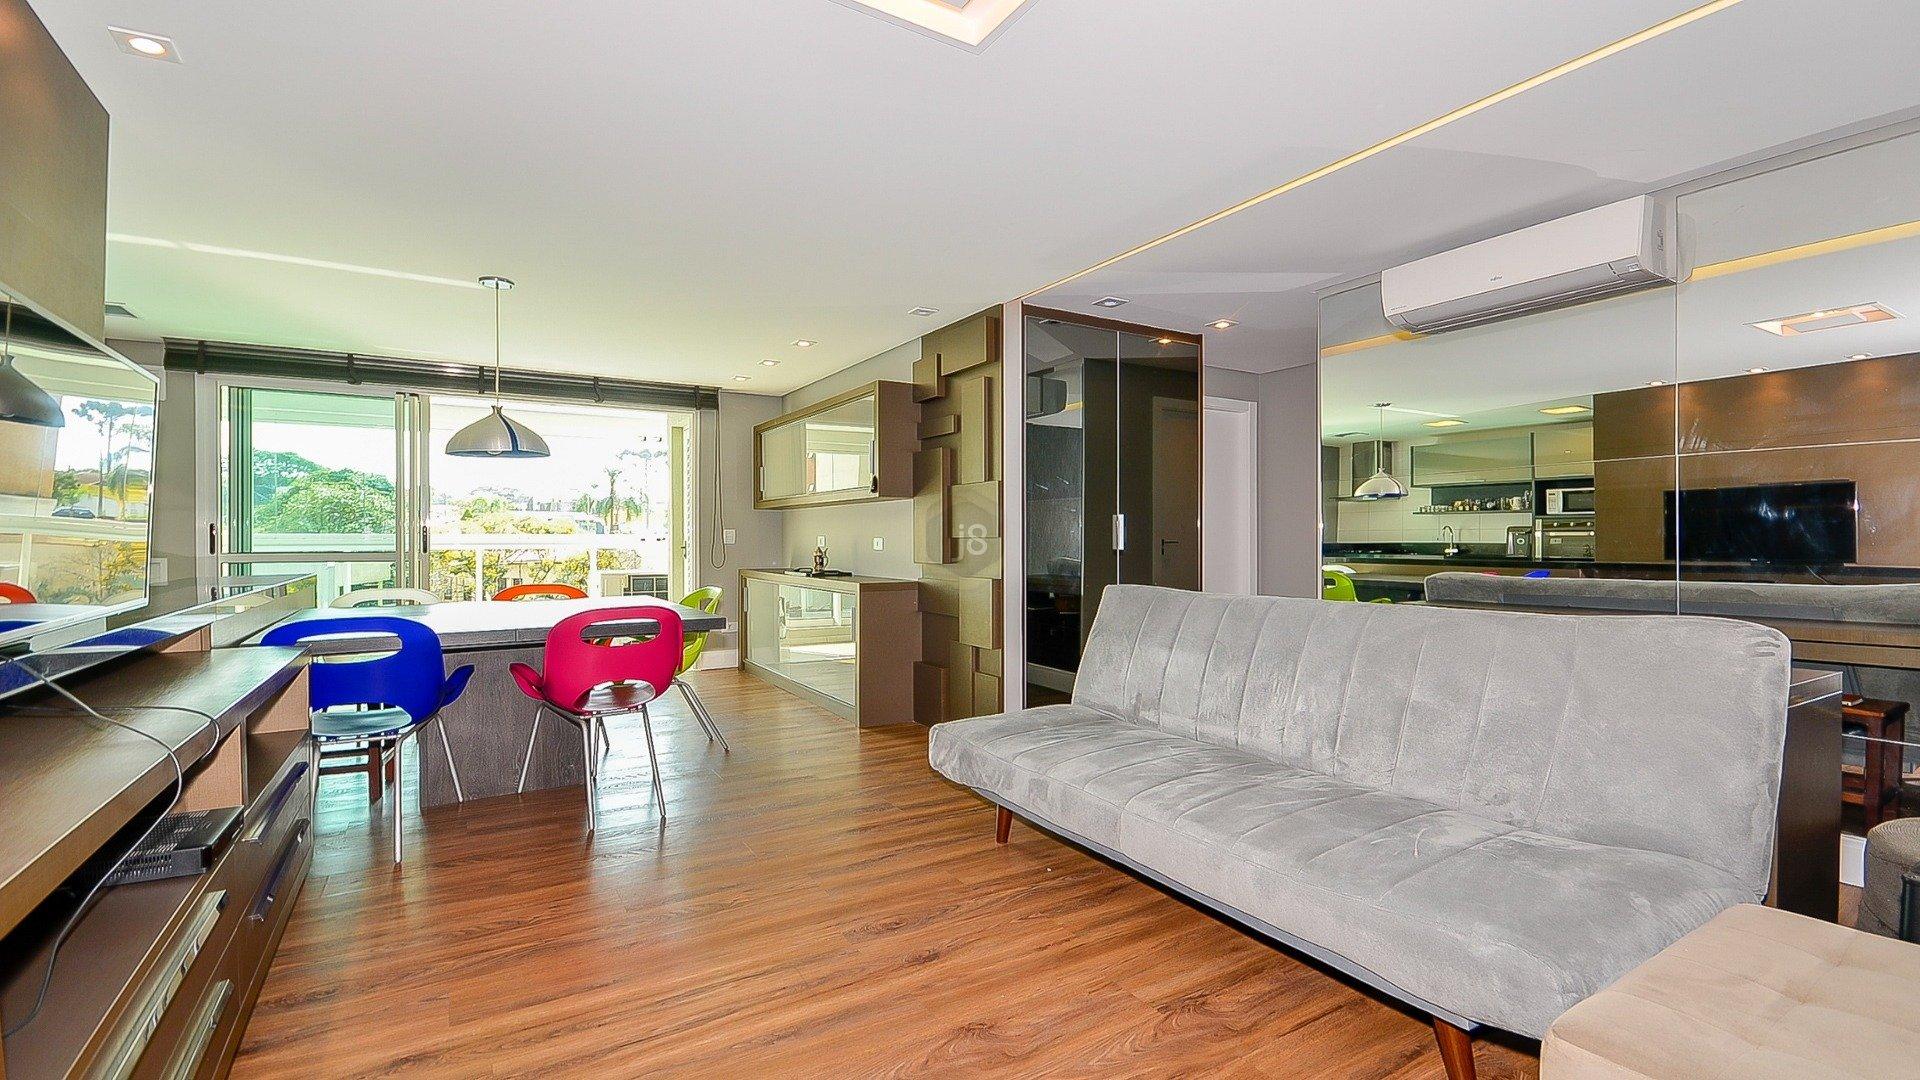 Foto de destaque ótimo apartamento com vista boulevard e estrutura de lazer